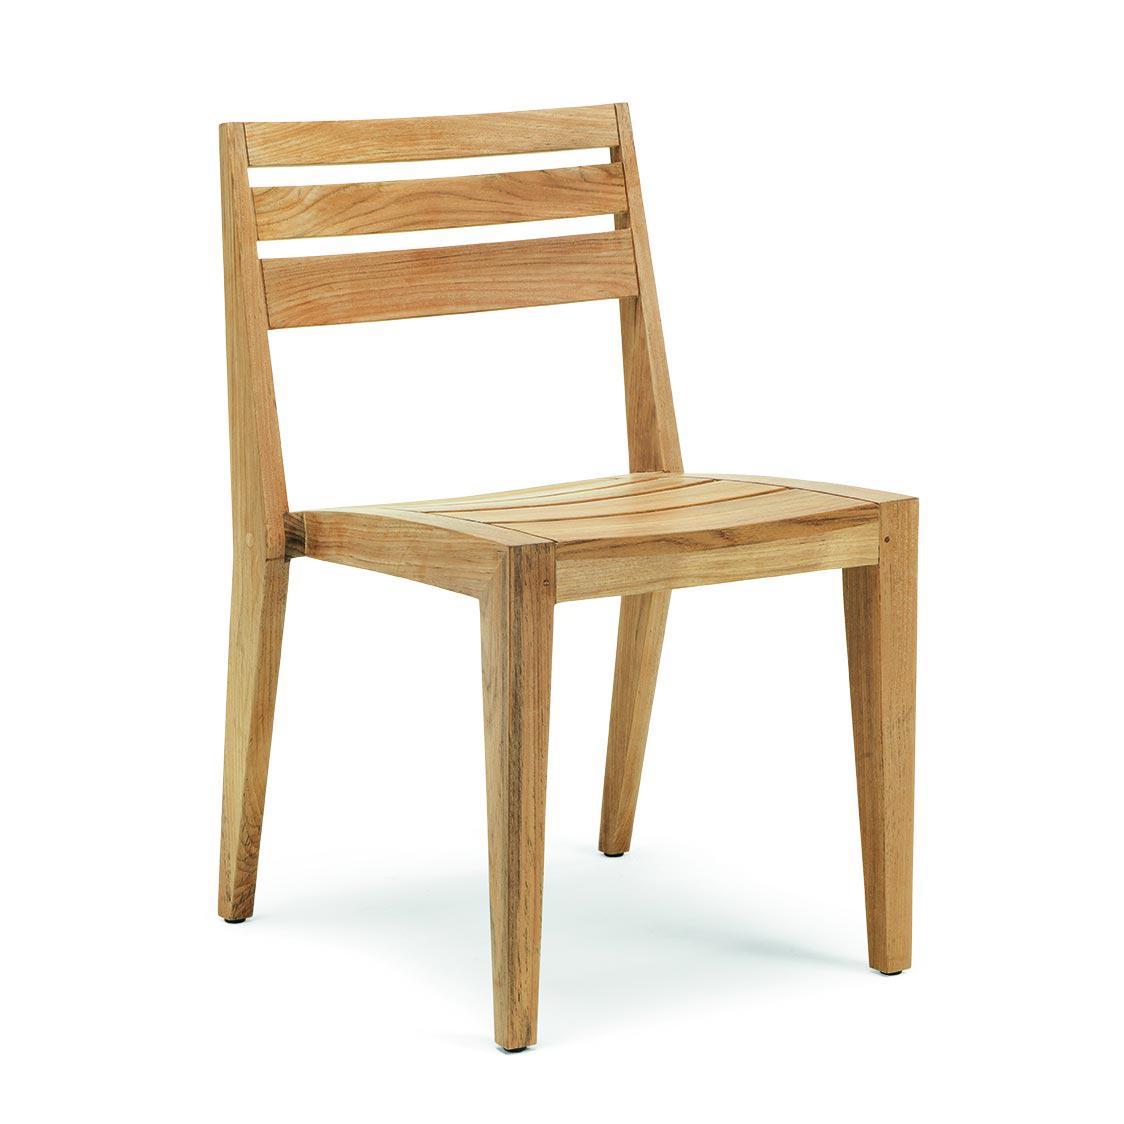 Gartenstühle stapelbar  Ethimo Ribot Gartenstühle stapelbar (2 Stück) - Kaufen bei Villa ...